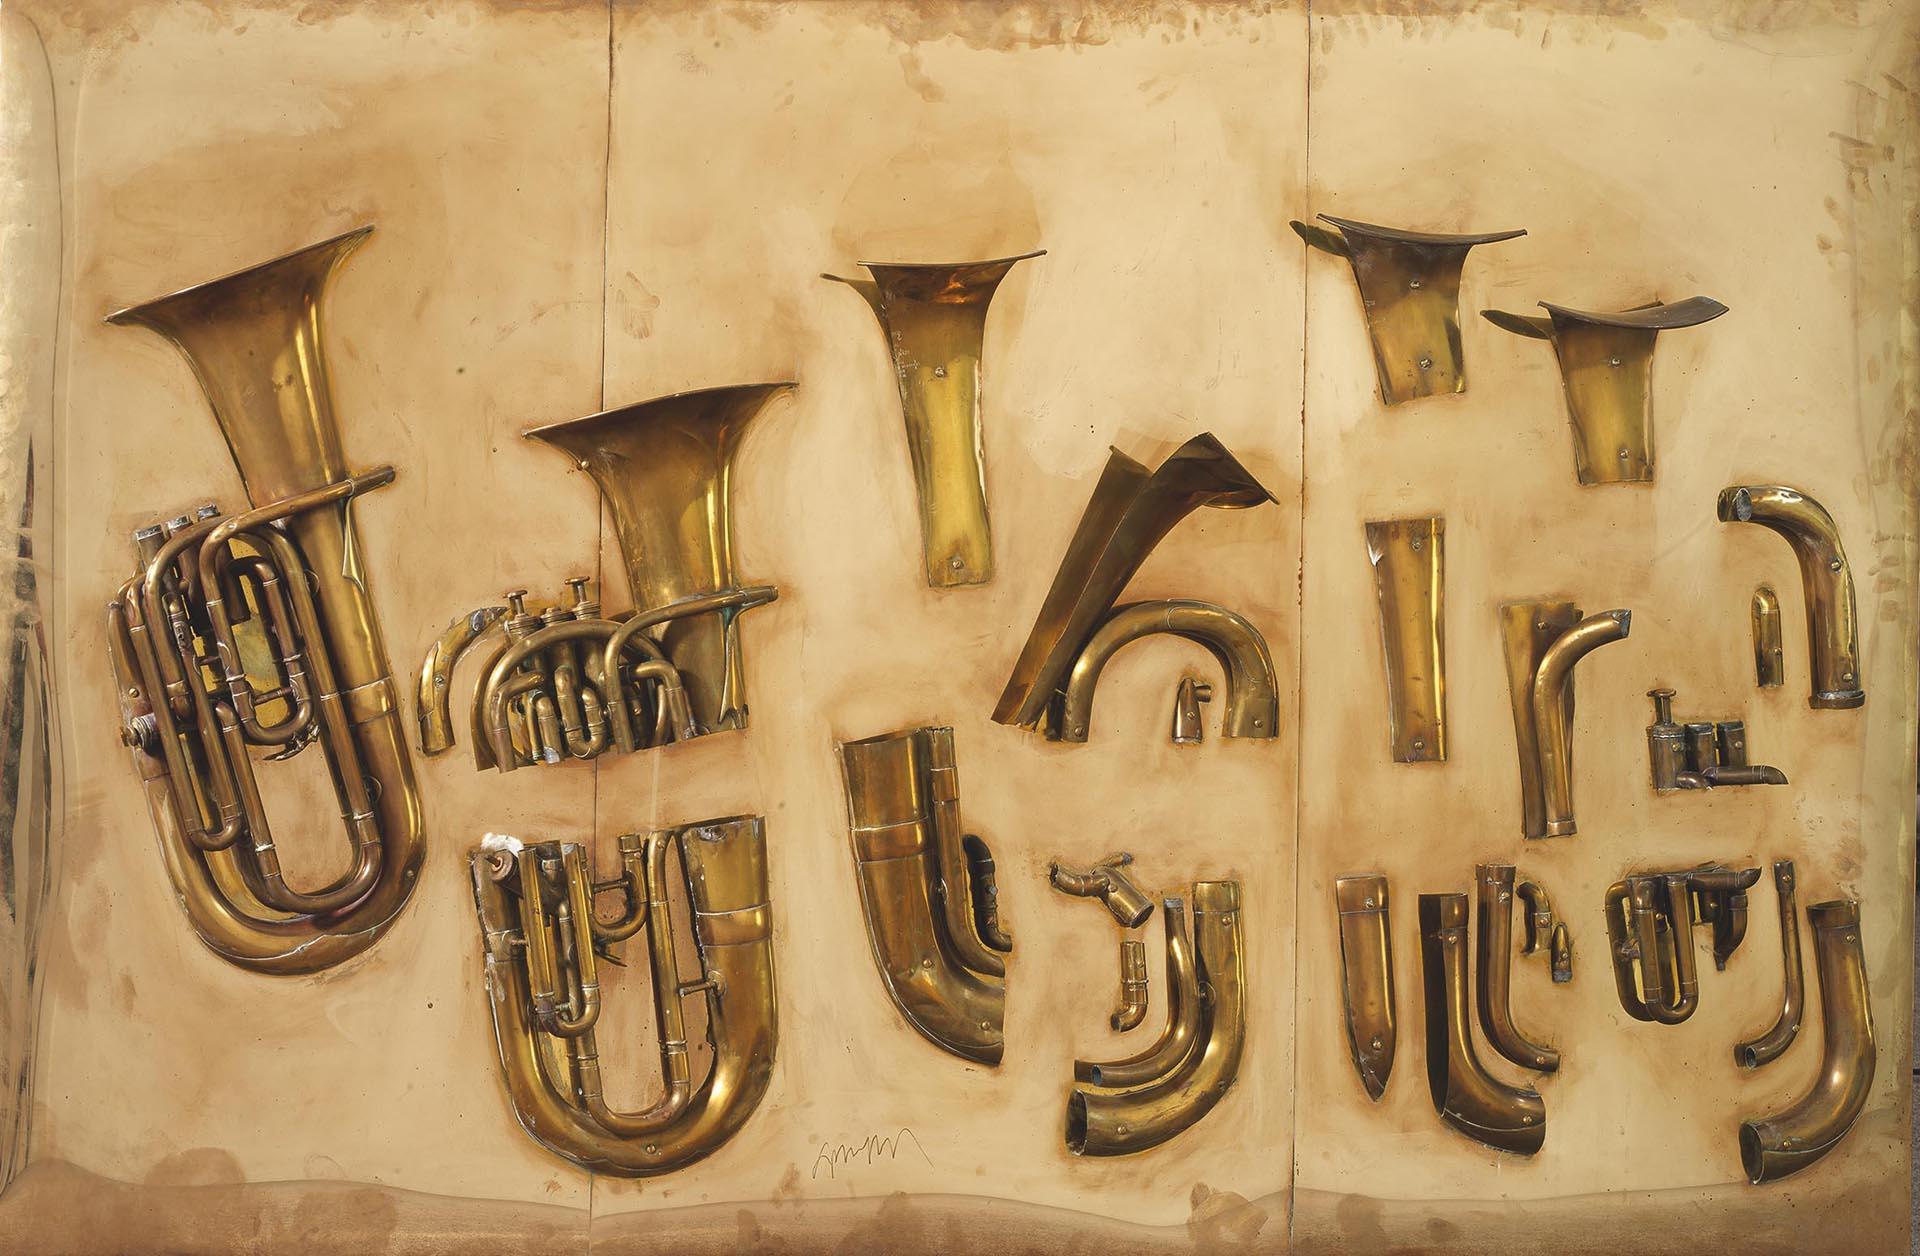 Arman, Sans titre, 2002, 116x185x24 cm